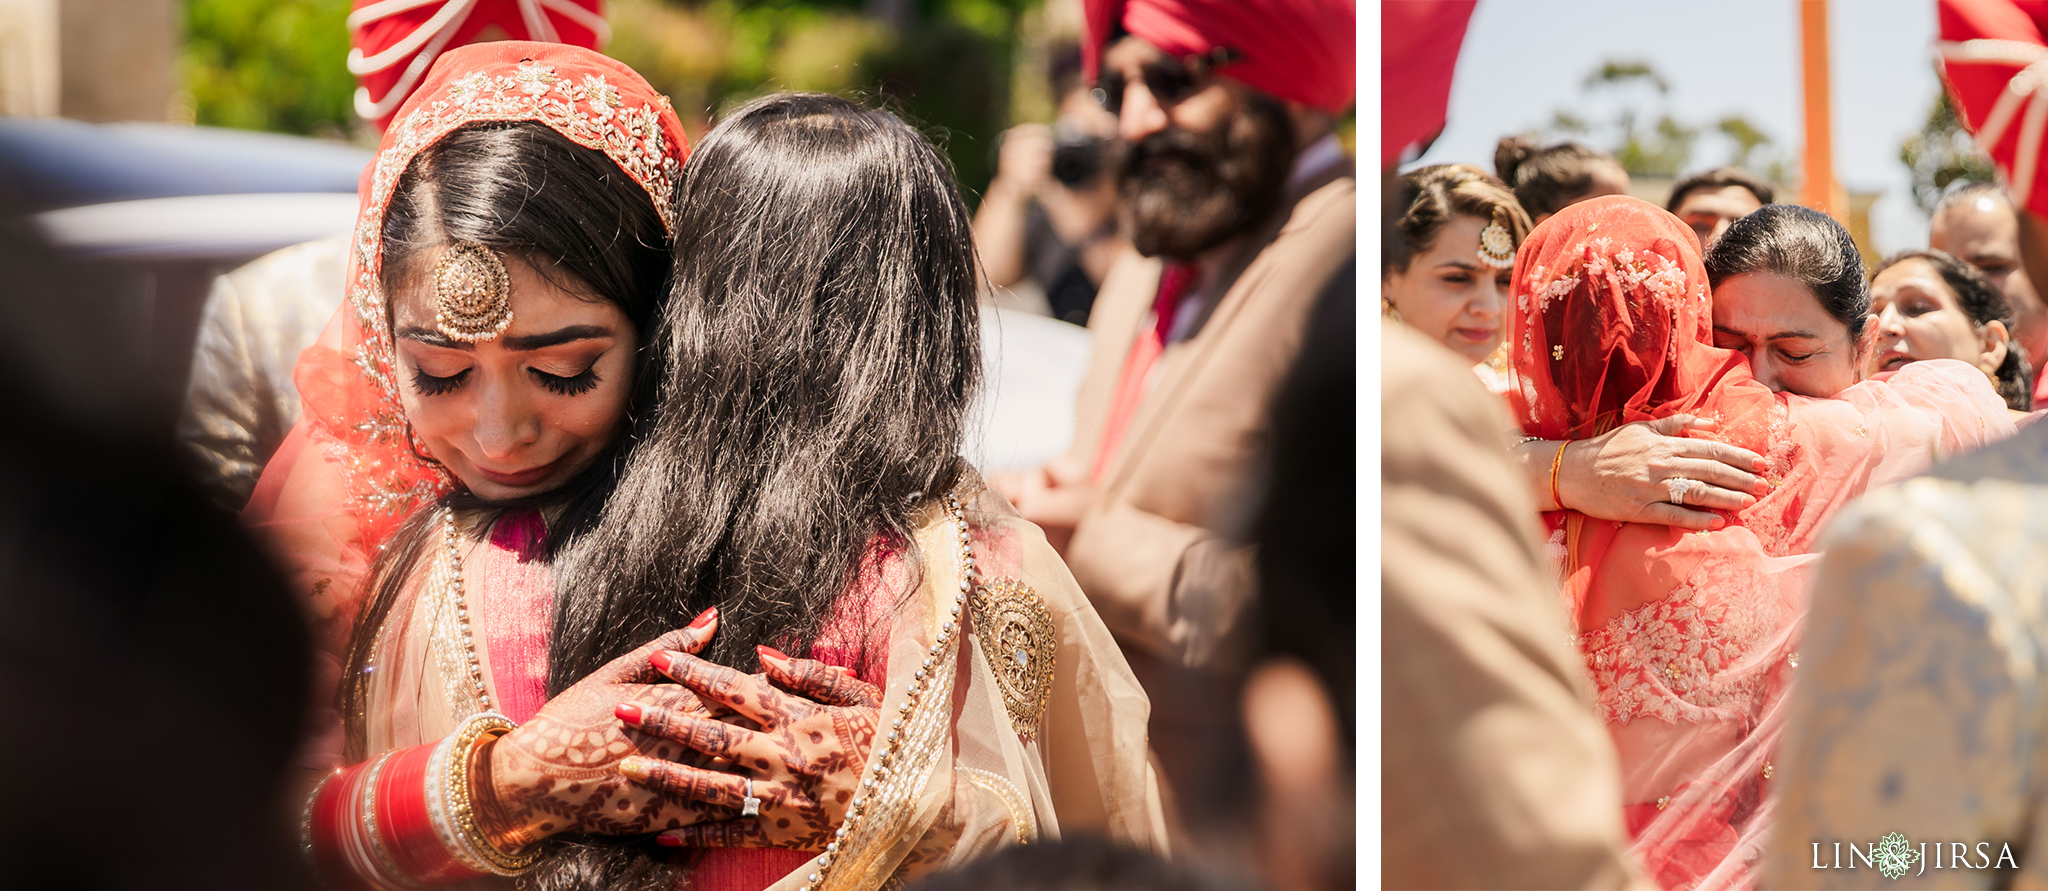 28 Sikh Gurdwara San Jose Punjabi Indian Wedding Photography